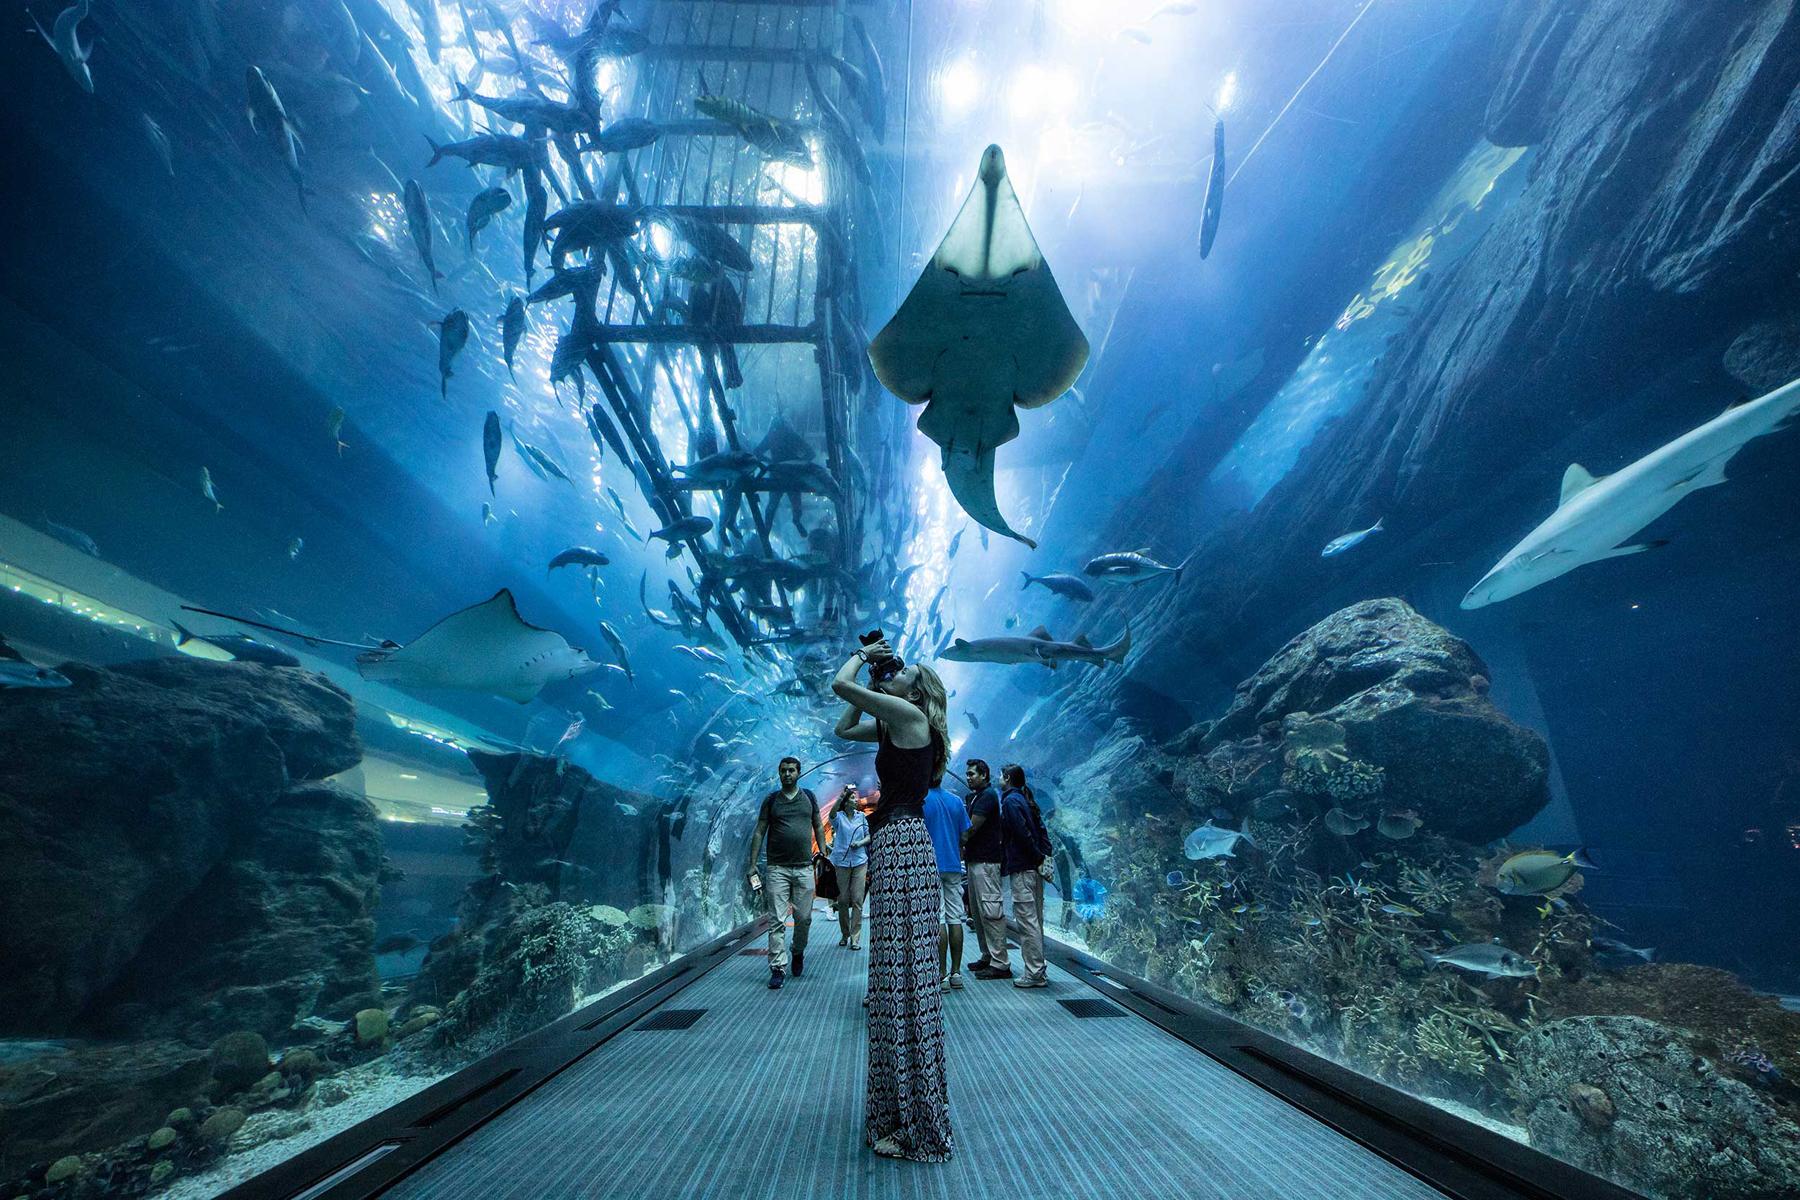 Сколько стоит океанариум в дубай молле millennium plaza 5 оаэ дубай